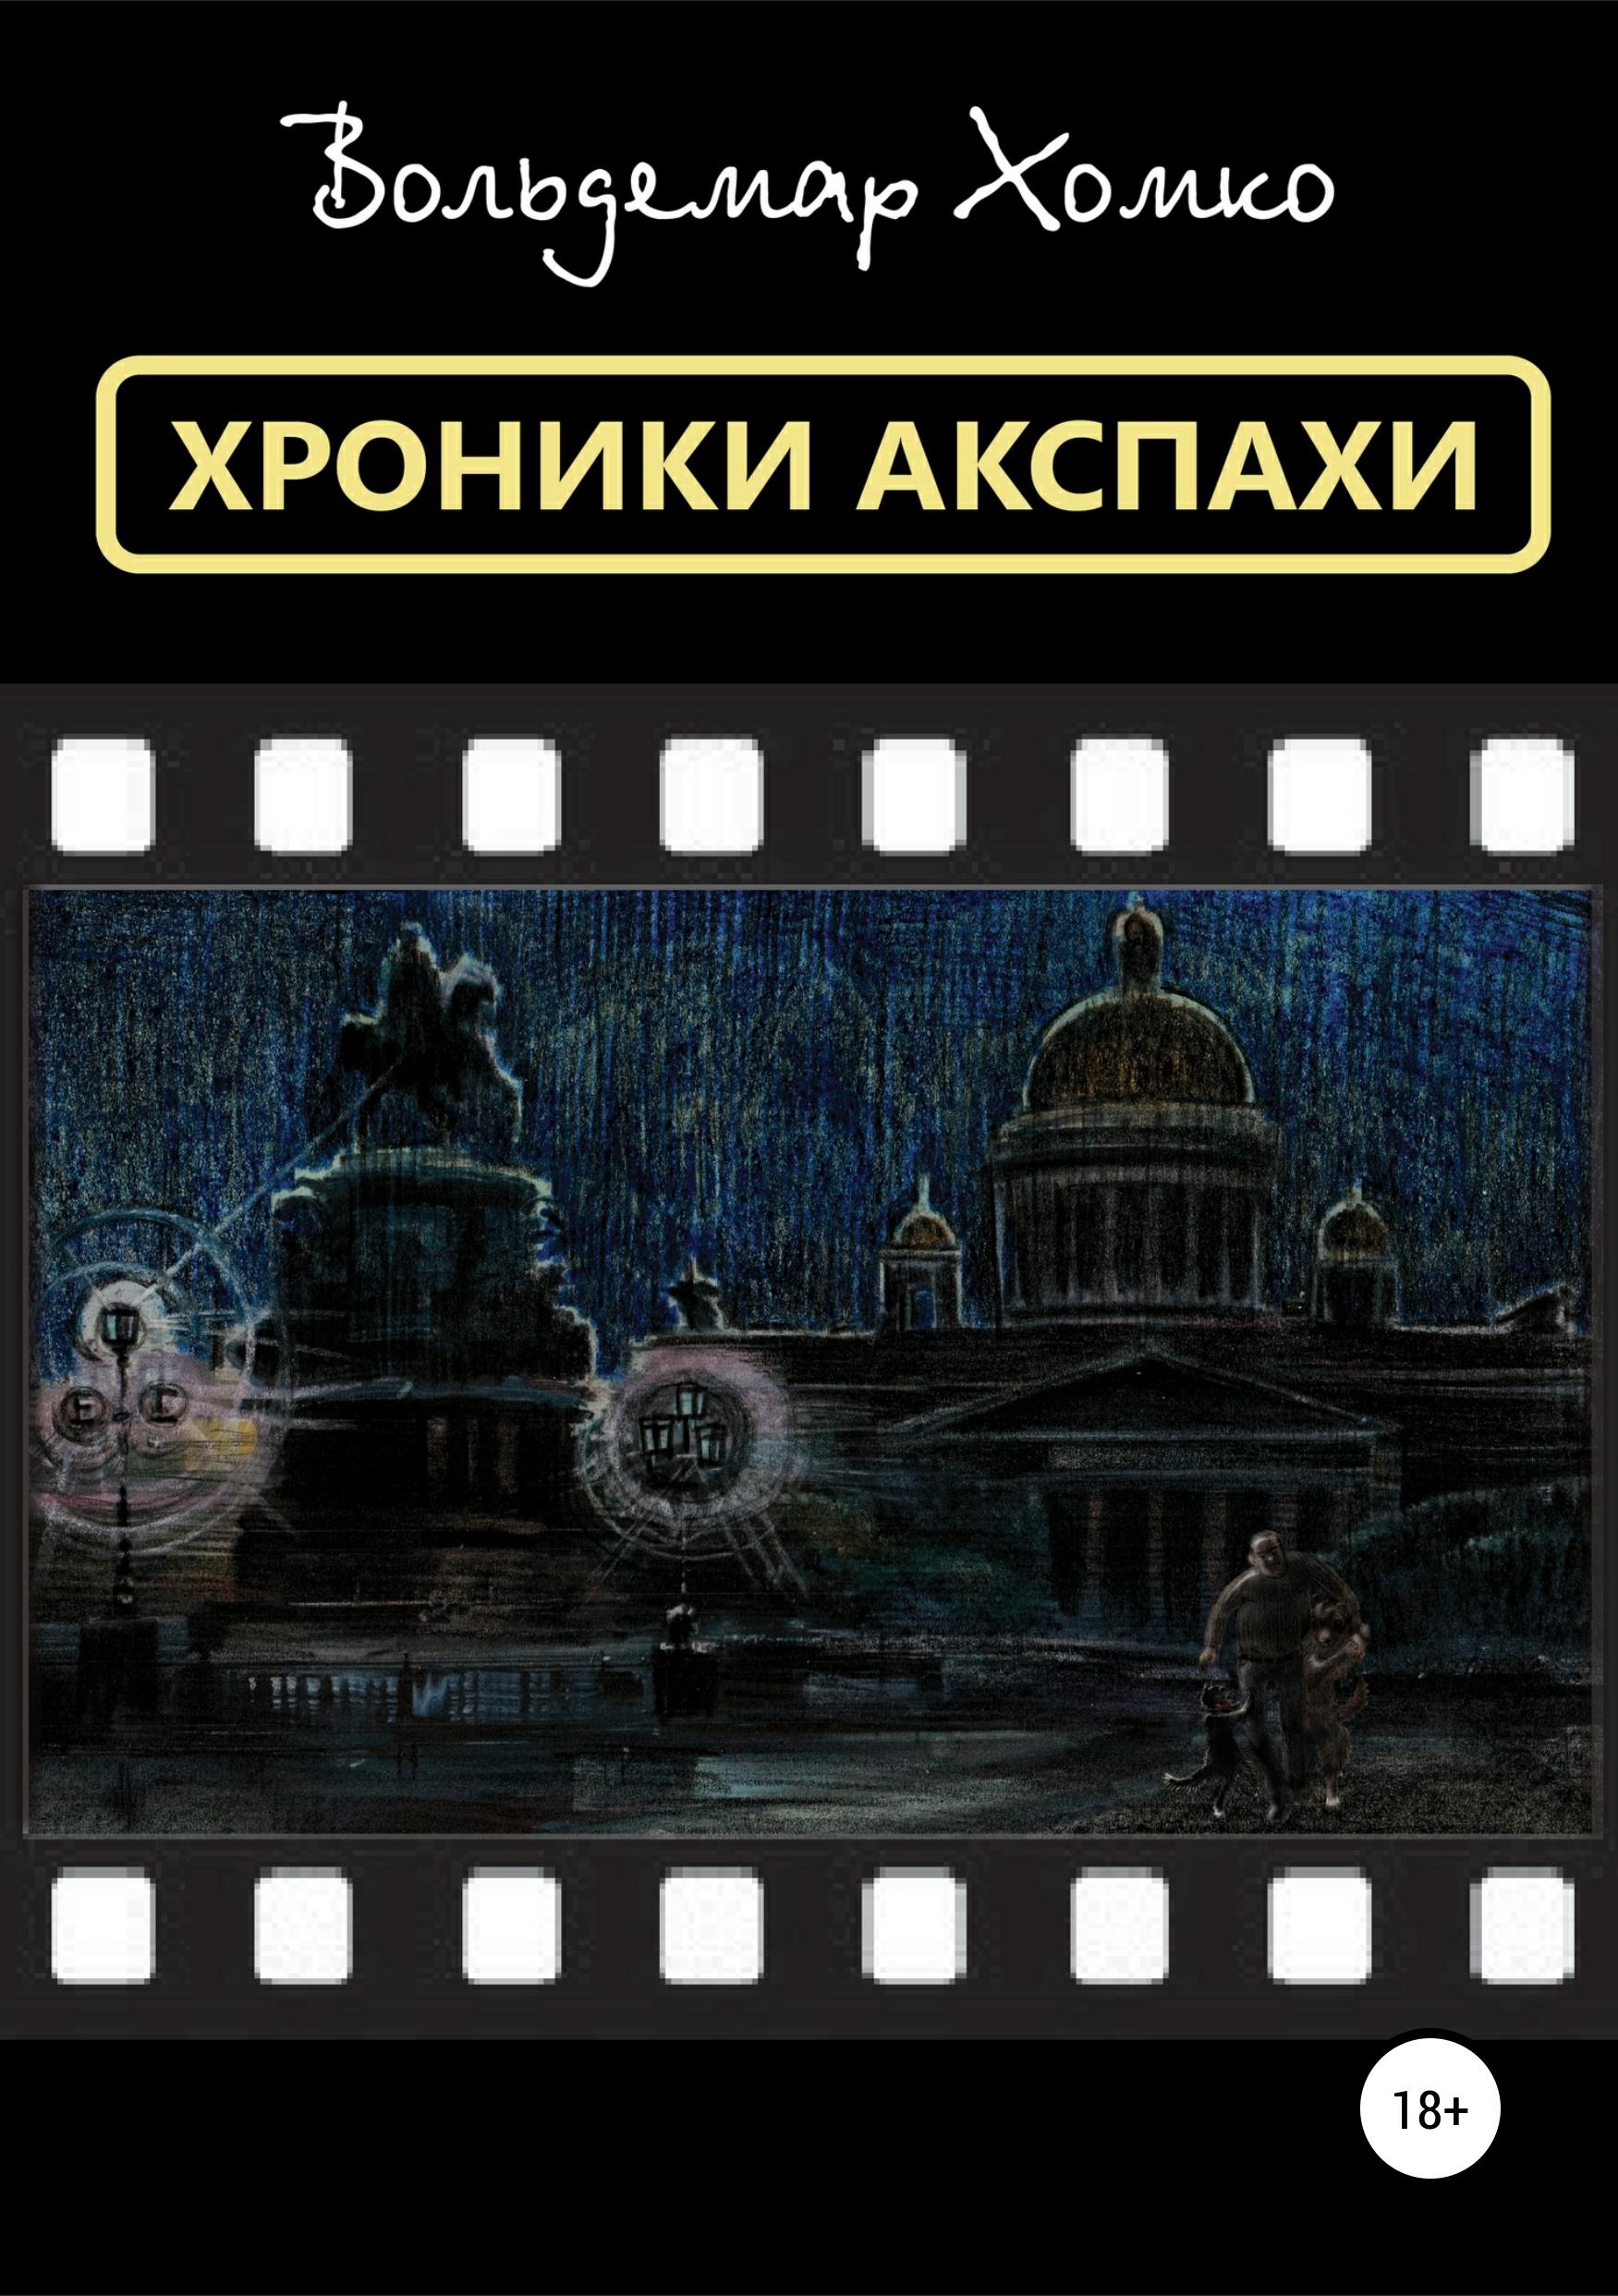 Купить книгу Хроники Акспахи, автора Вольдемара Хомко